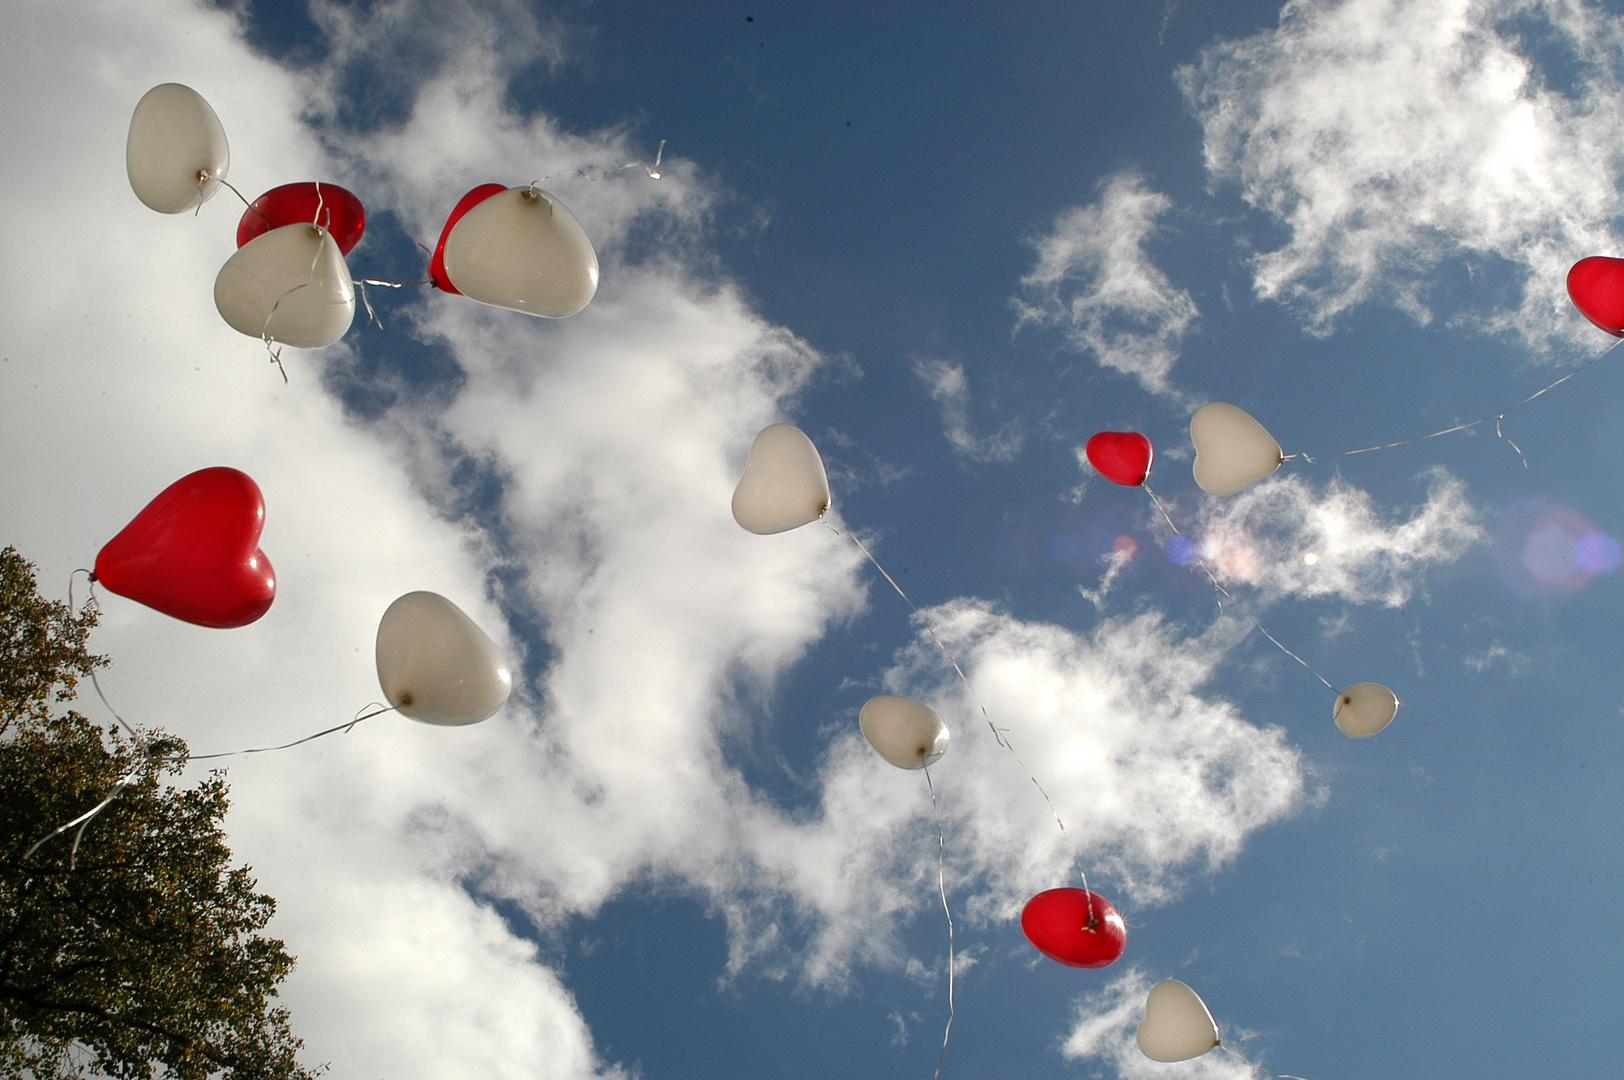 Liebe in der Luft